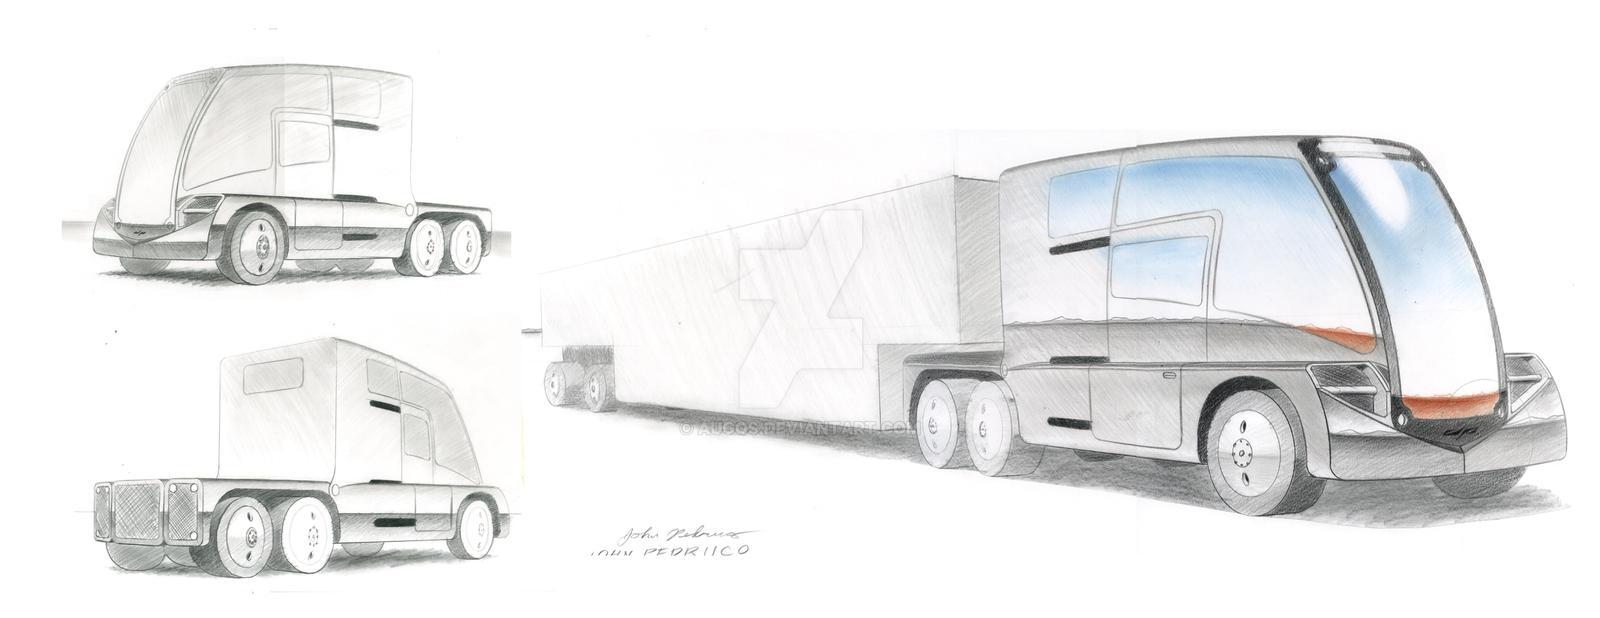 Electric Big Rig design 1 by Augos